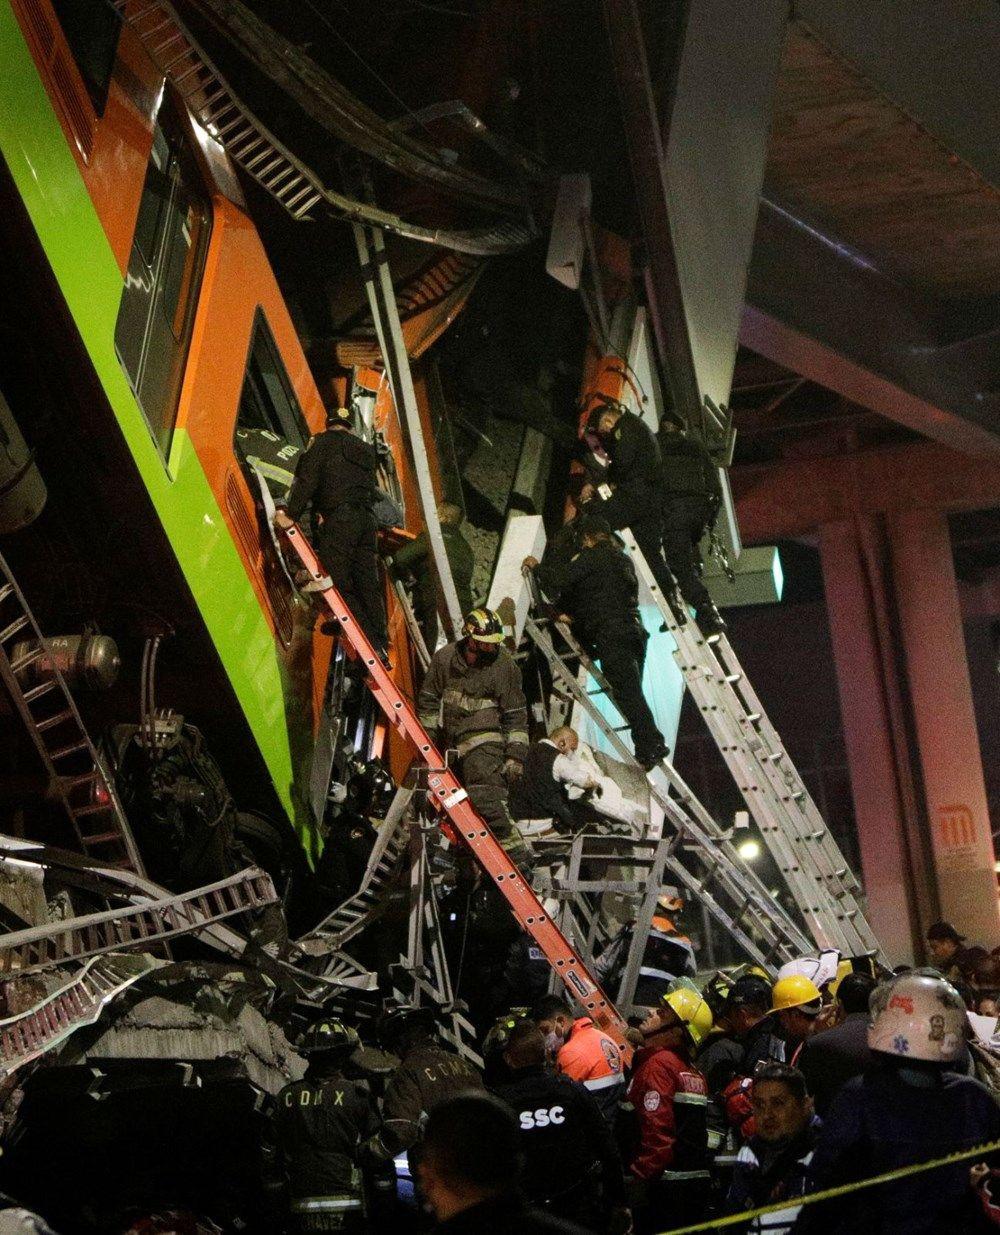 Meksika'da metro faciası: 15 kişi öldü, 70 kişi yaralandı - Sayfa 4